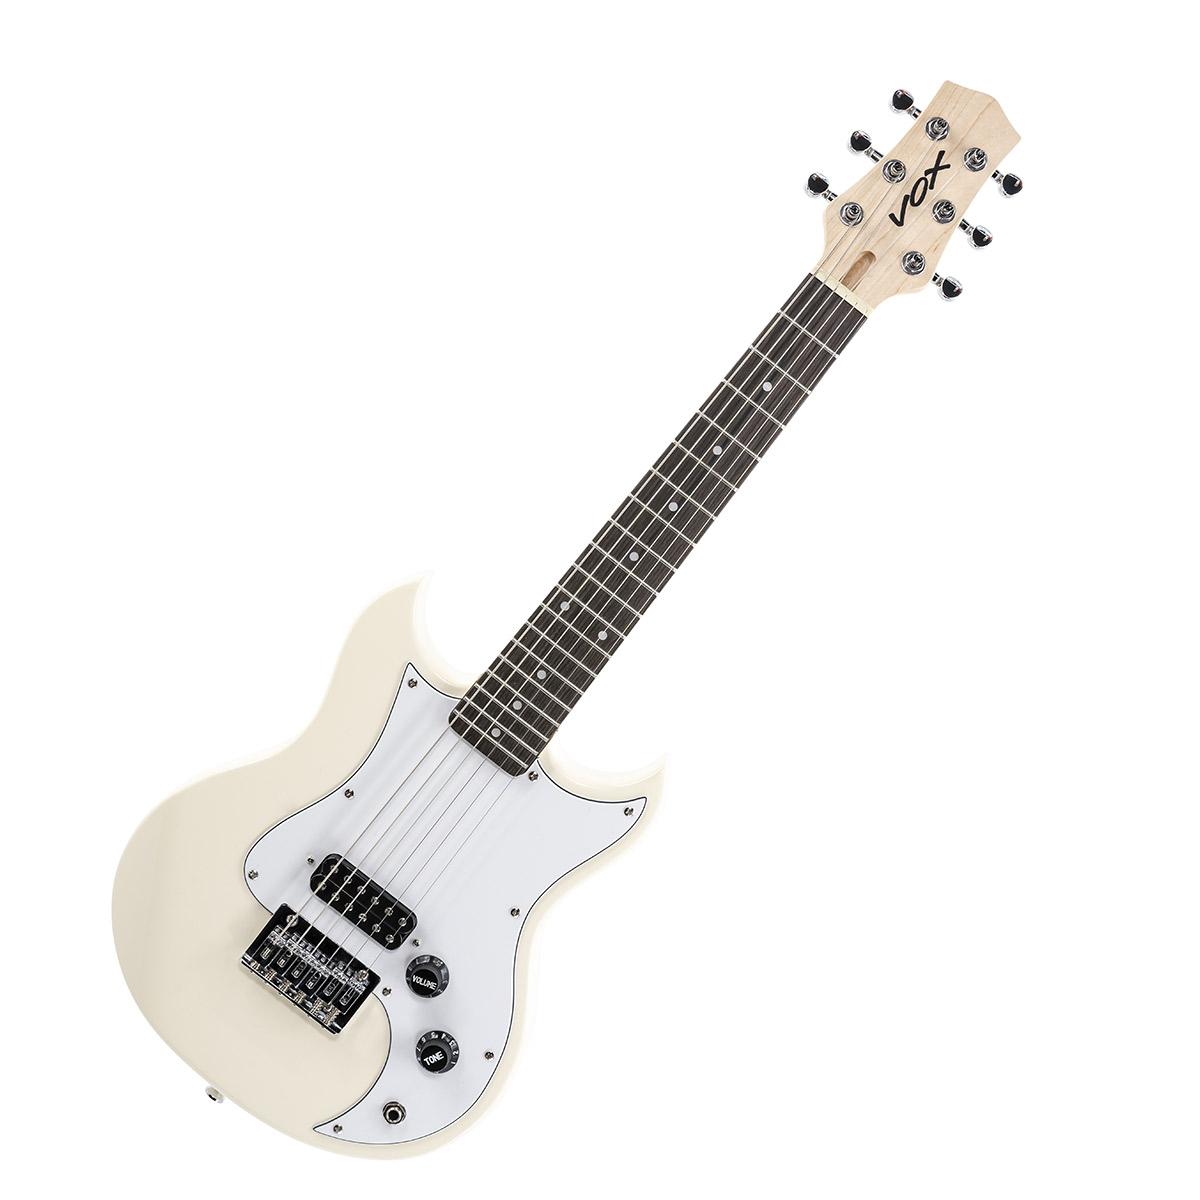 VOX SDC-1 MINI WH ミニエレキギター ホワイト 【ボックス】